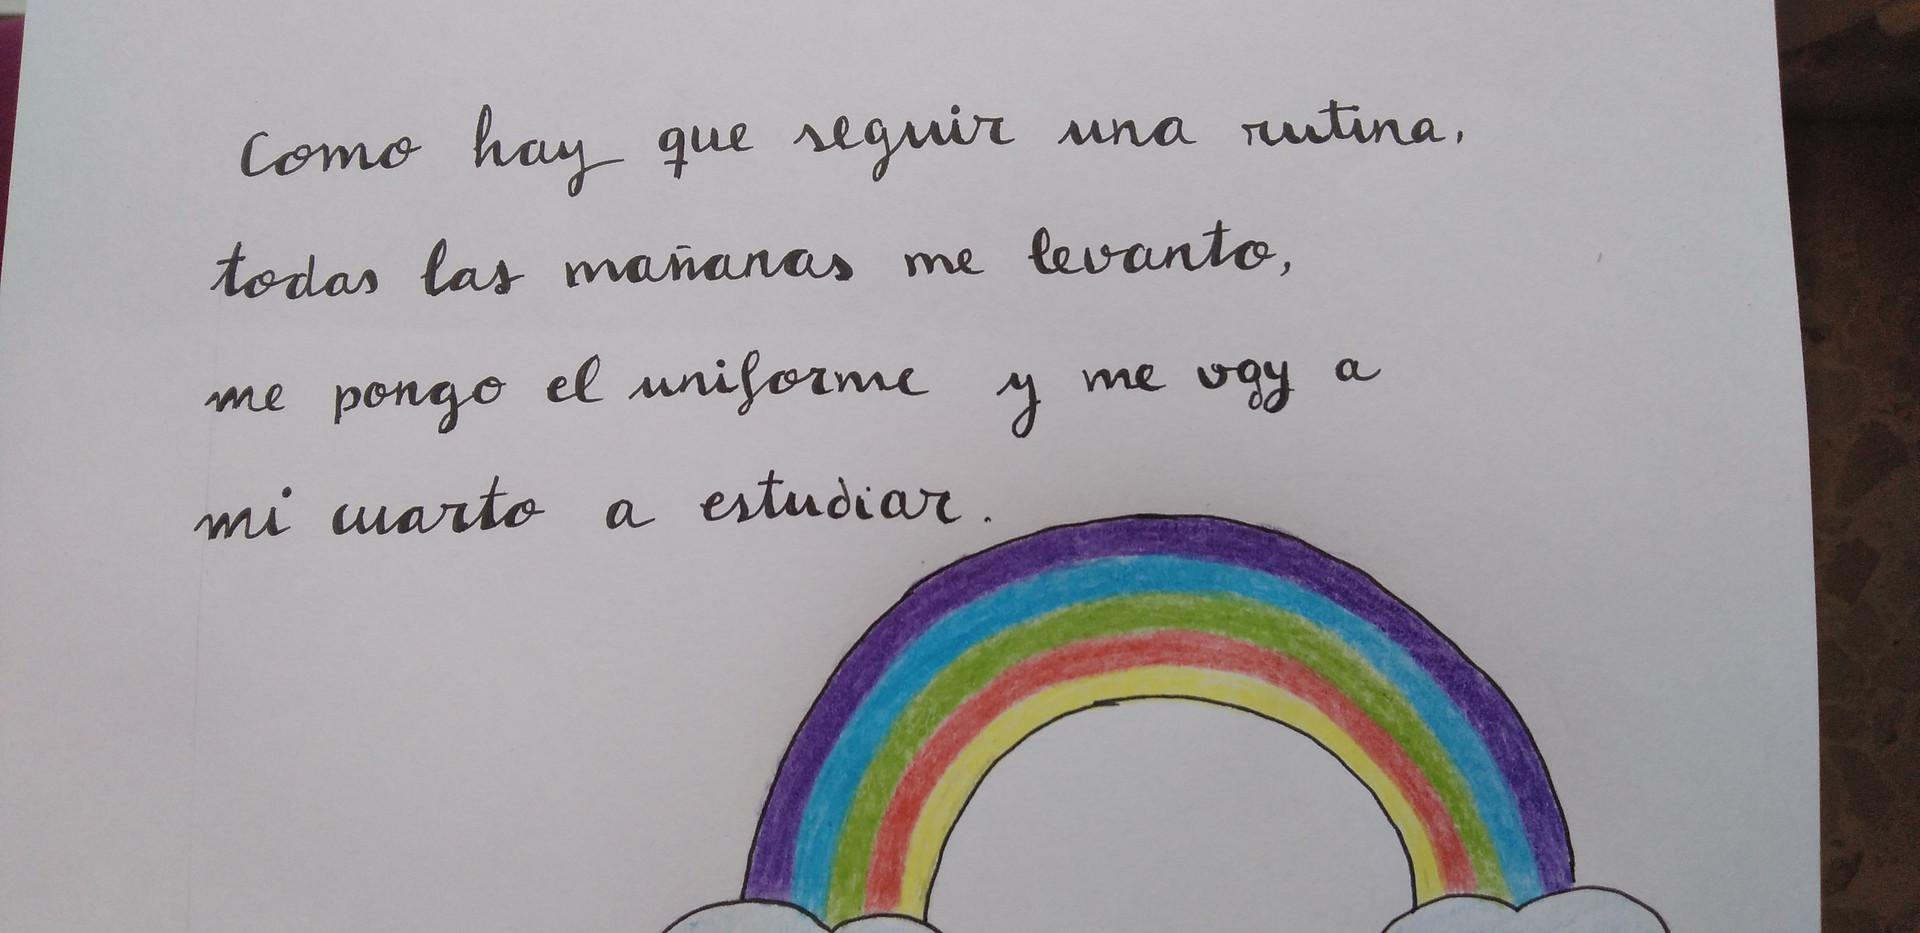 Microrrelato Celia Soto.jpg